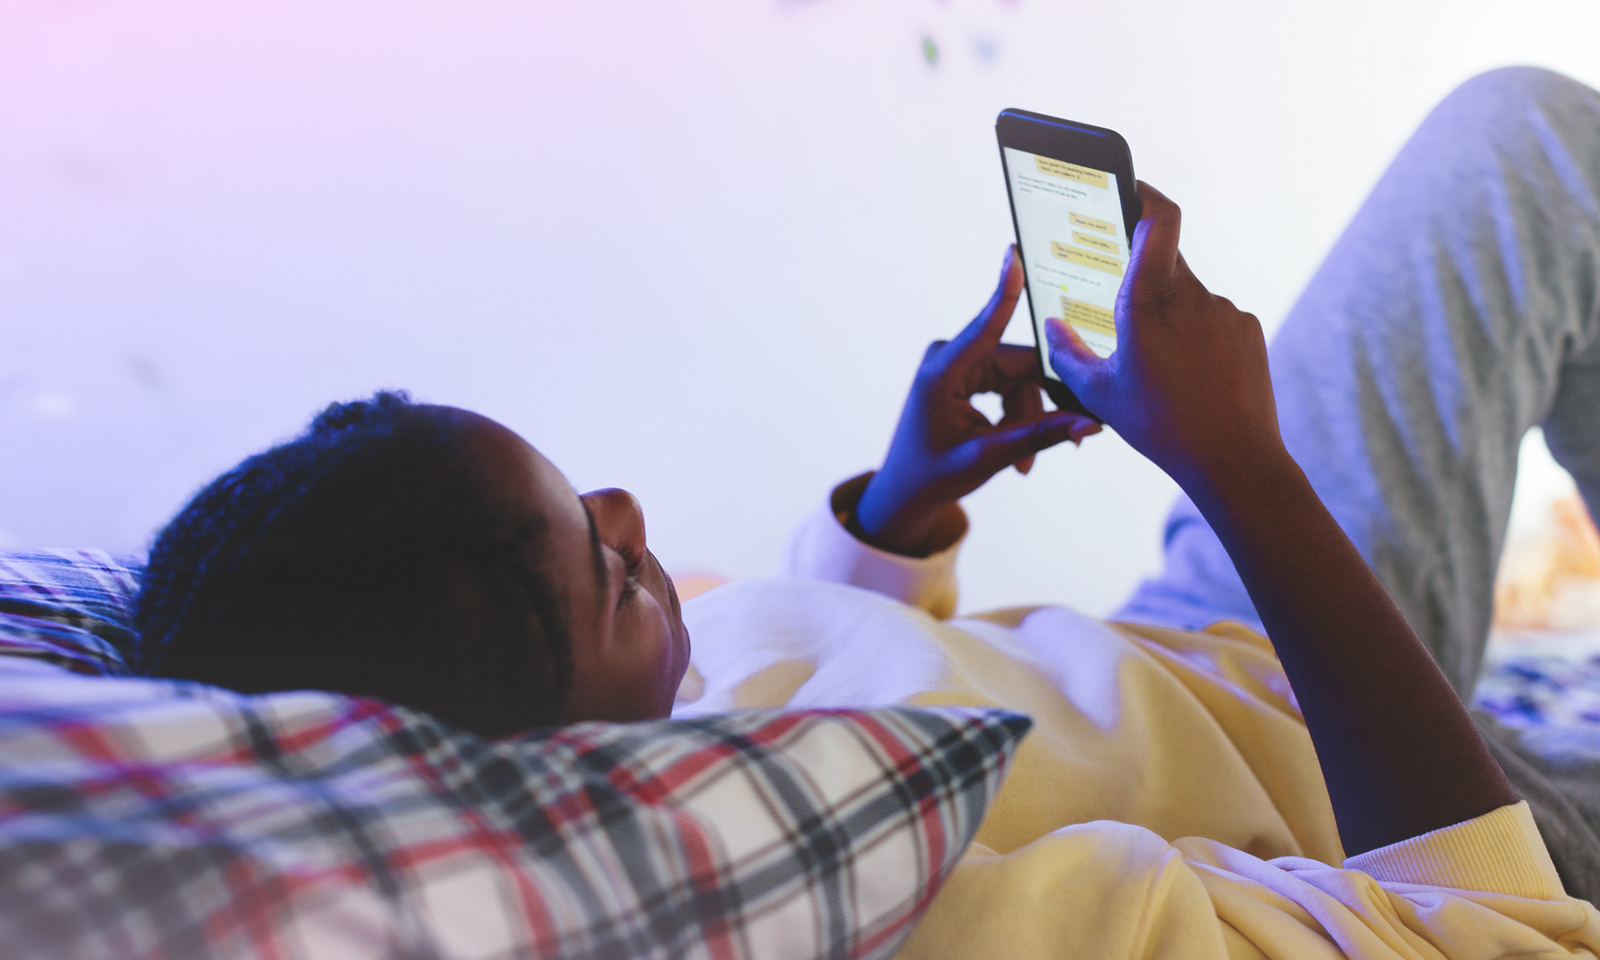 Le savoir-vivre en ligne, en avez-vous parlé franchement avec votre ado?